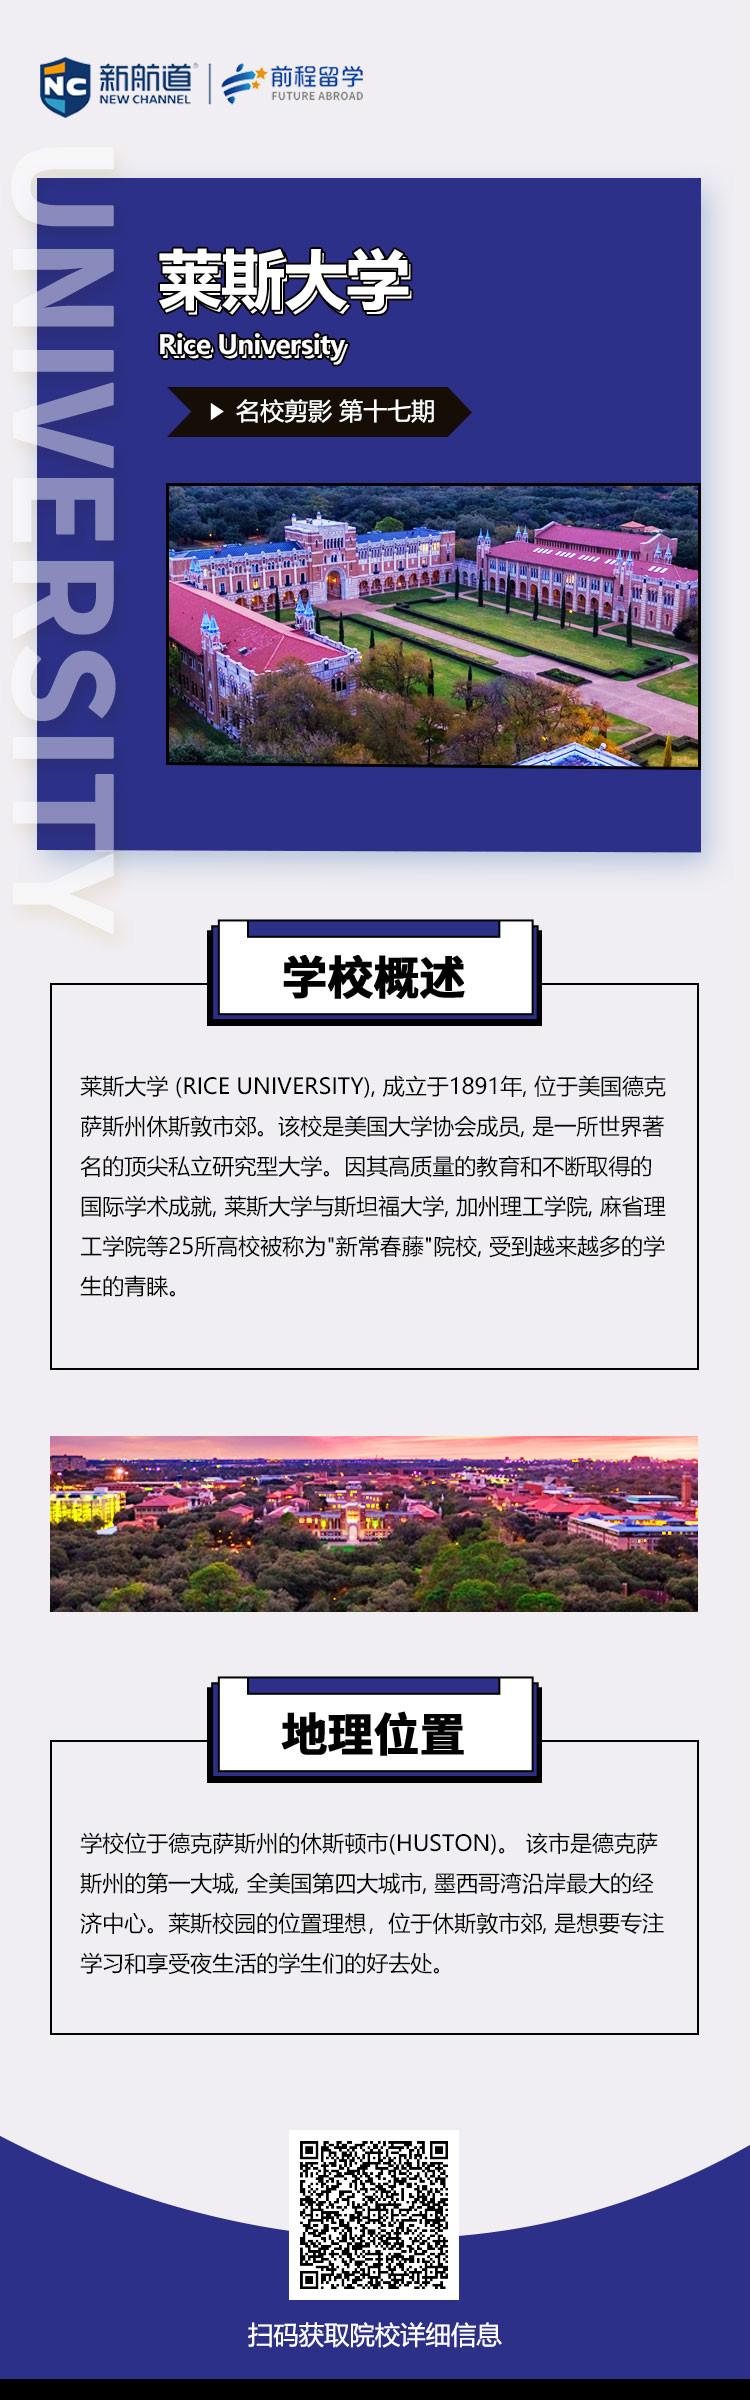 《名校剪影》之莱斯大学本科留学申请条件